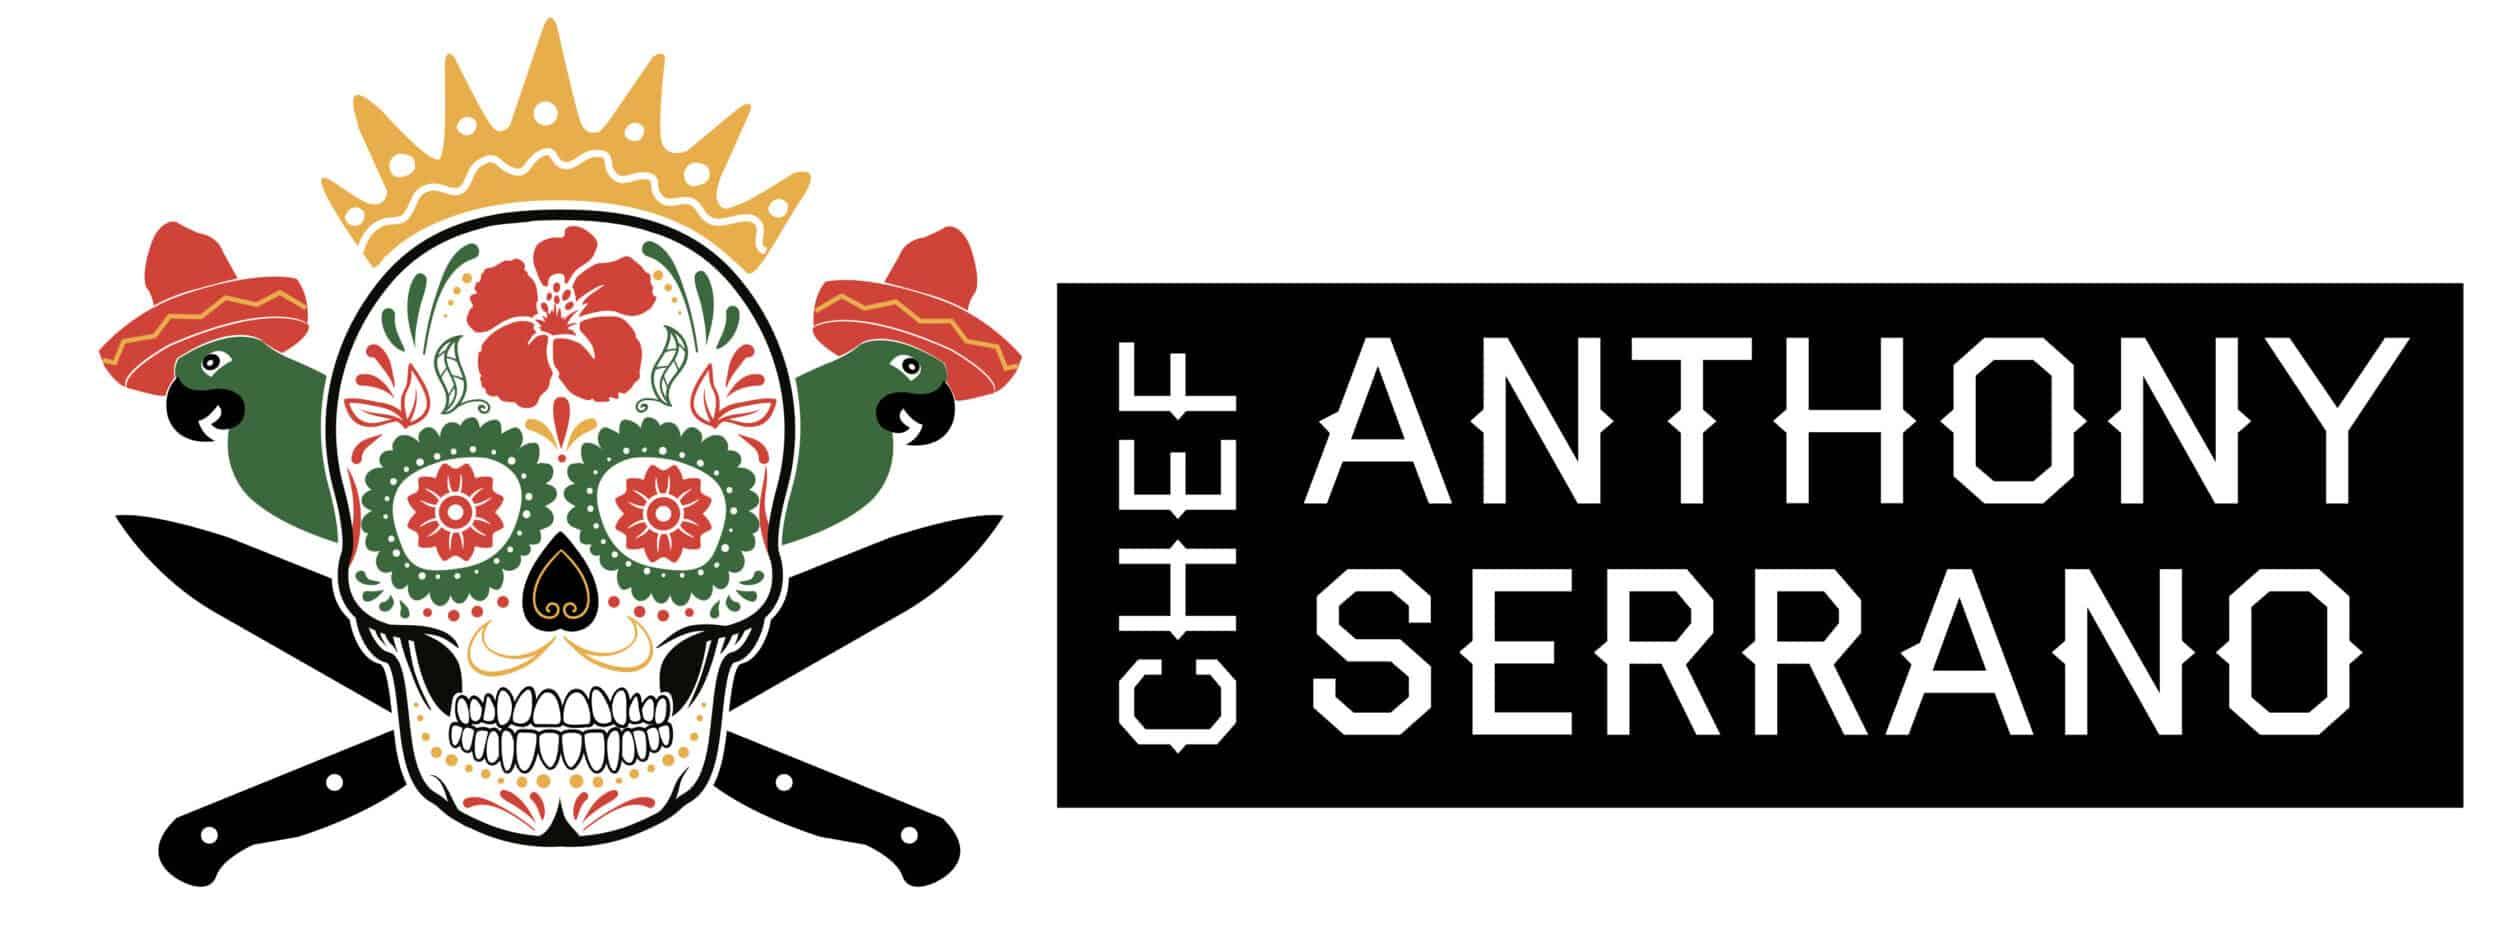 Chef Anthony Serrano